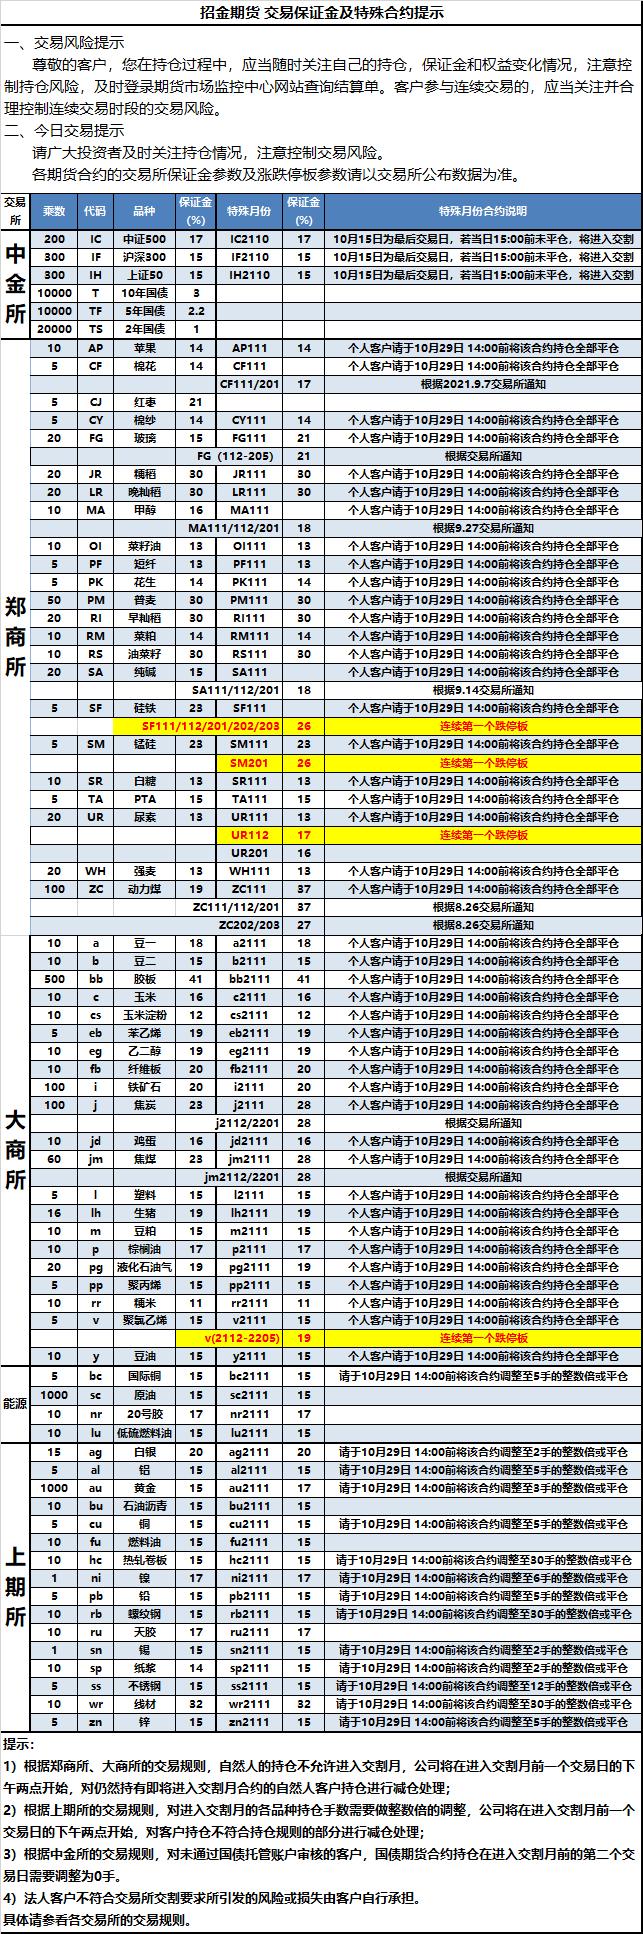 2021-10-14交易保证金